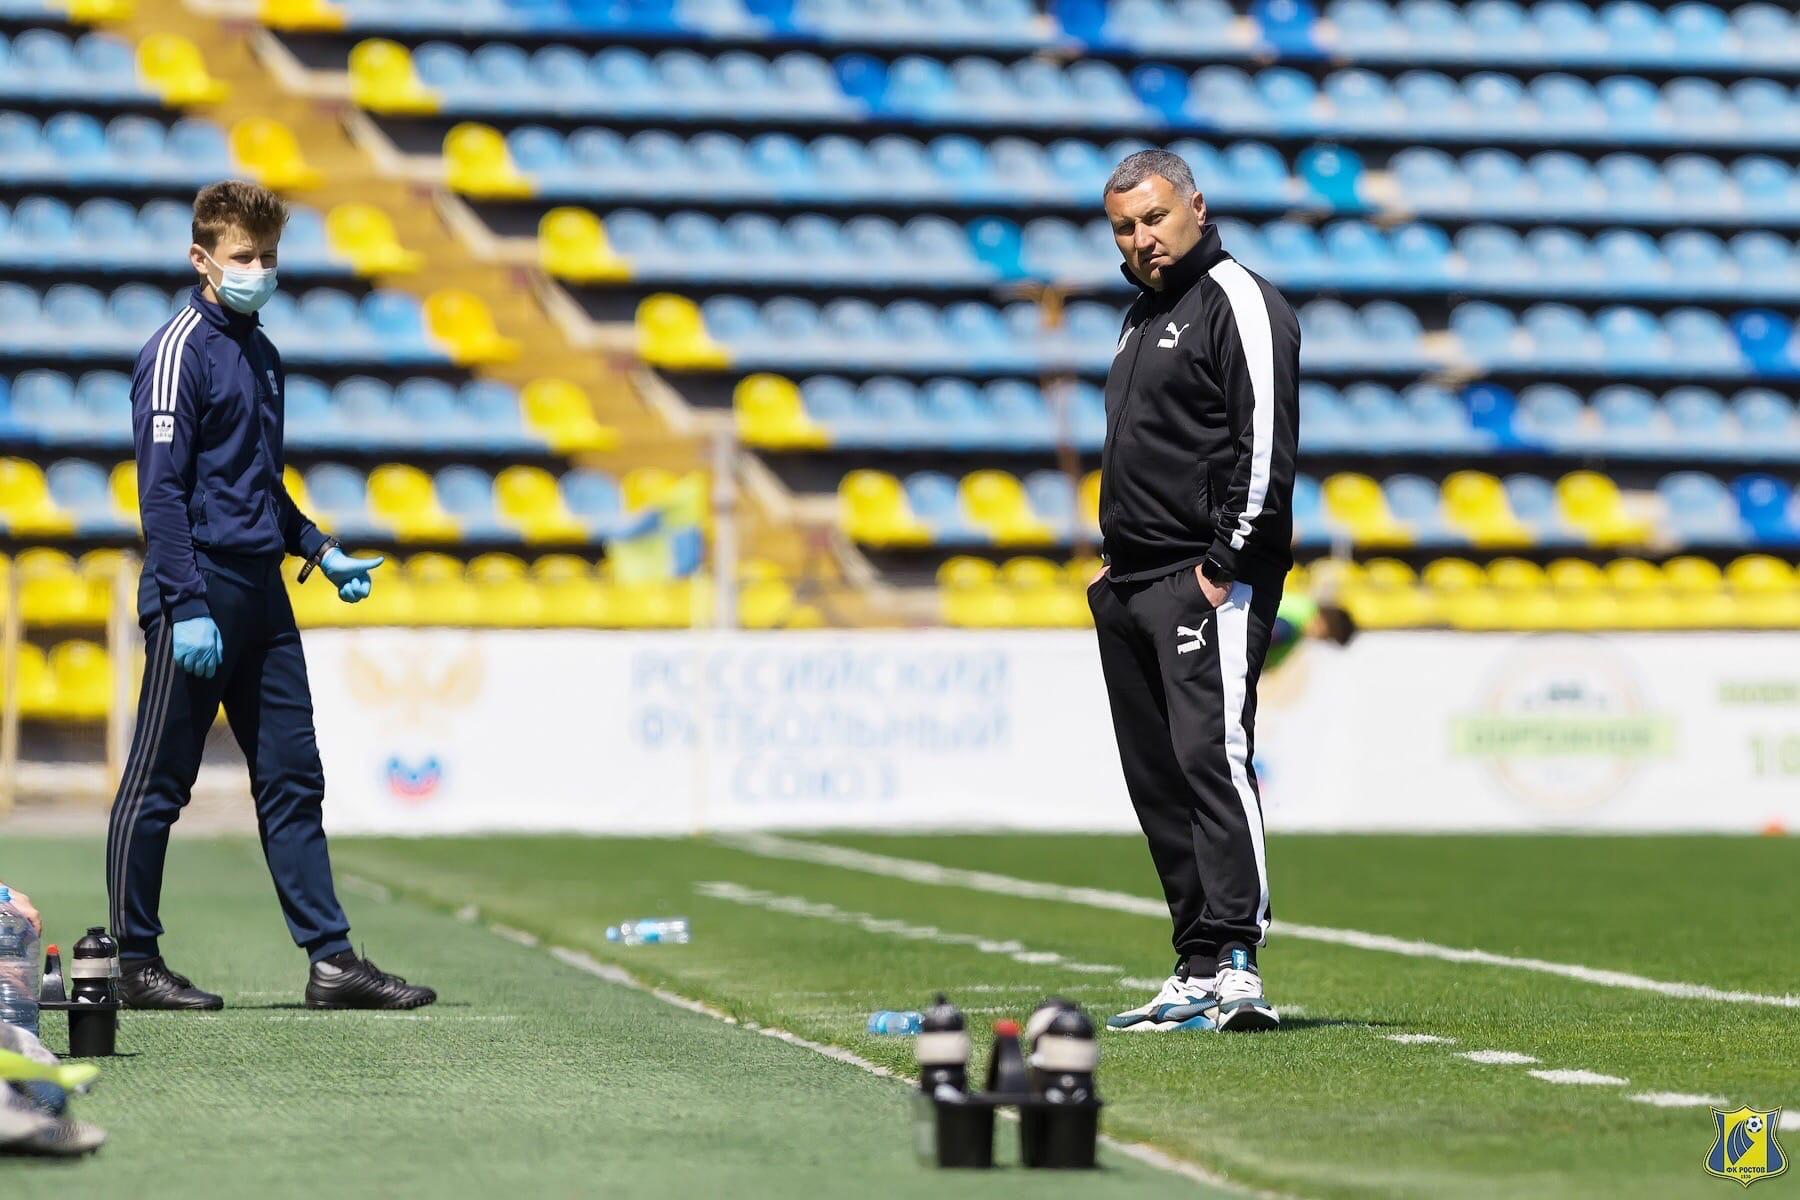 Заурбек Тедеев: «Для меня это одна из лучших команд за всю карьеру»